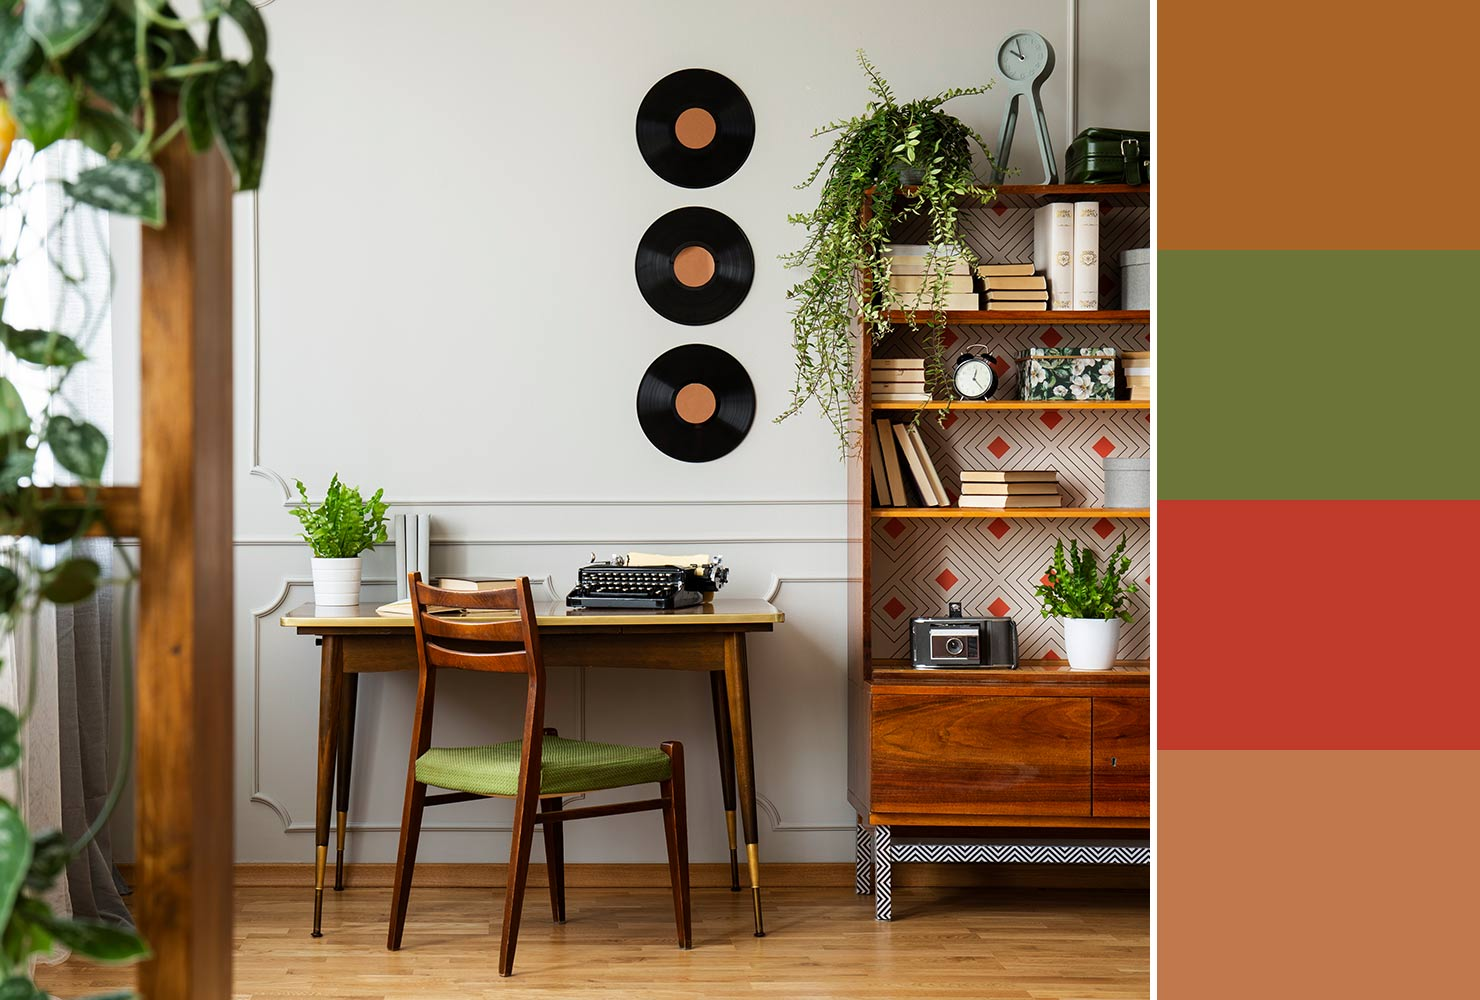 Farebné kombinácie - inšpirácie do interiéru - Obrázok č. 10